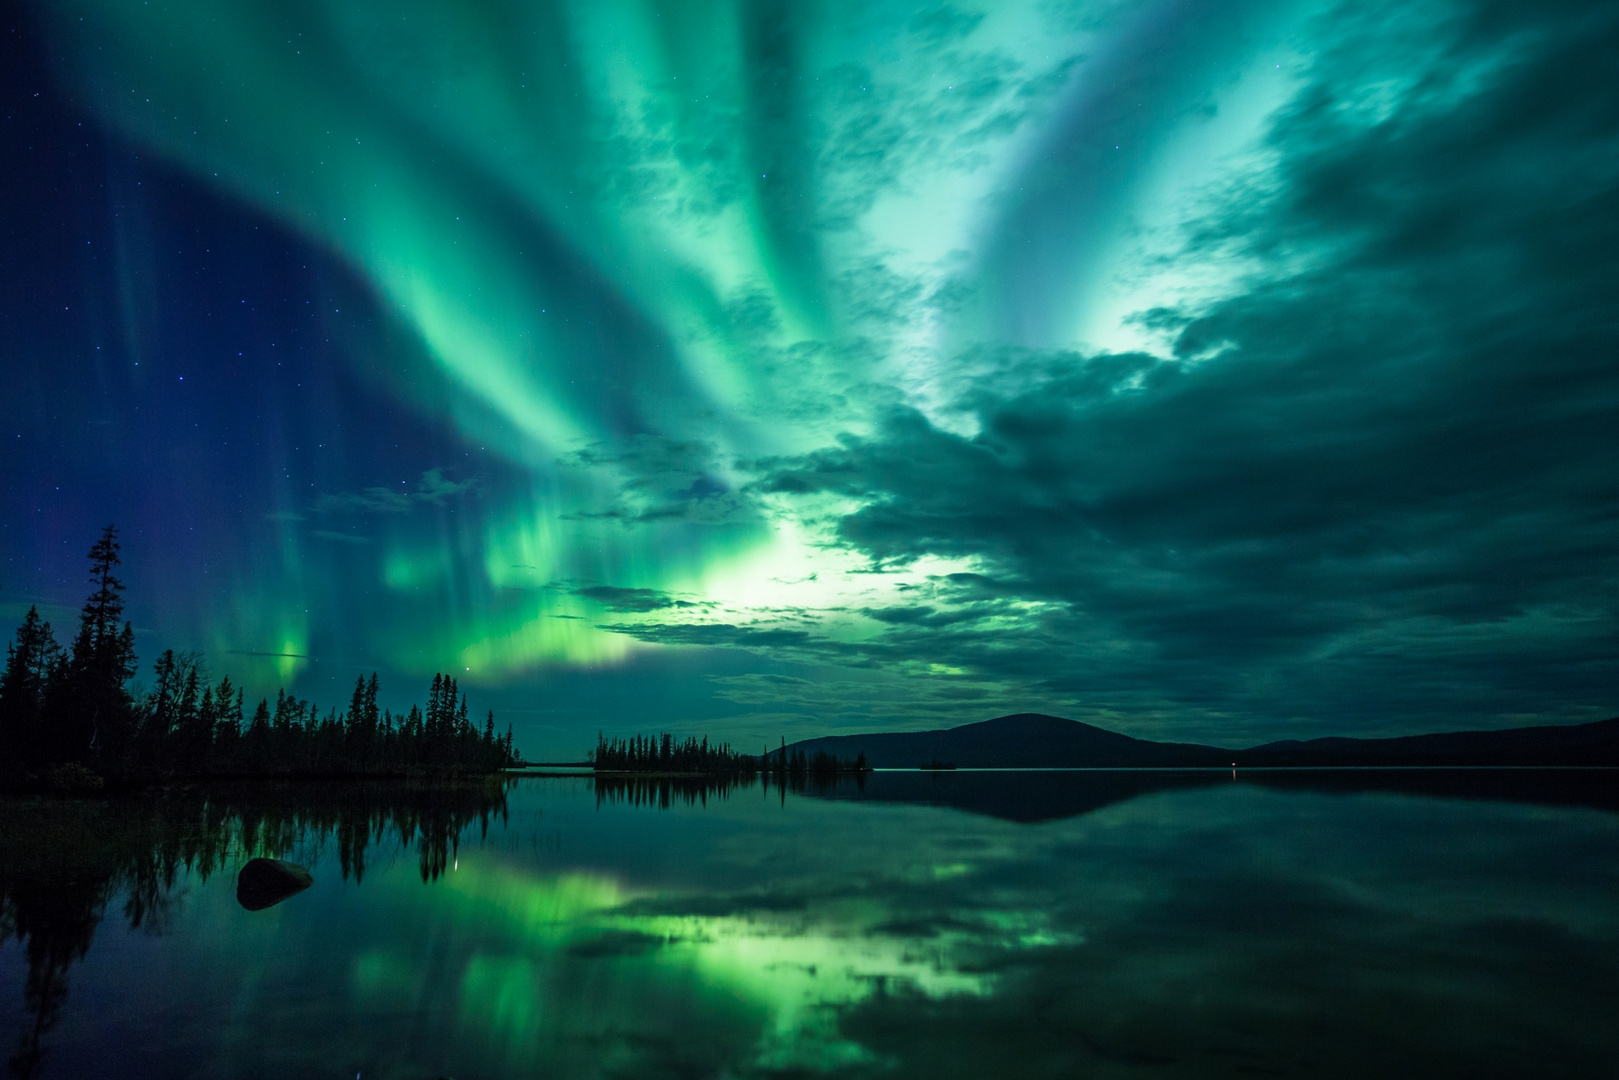 Polarlicht - Spiegelung auf dem Jerisjärvi in Finnland